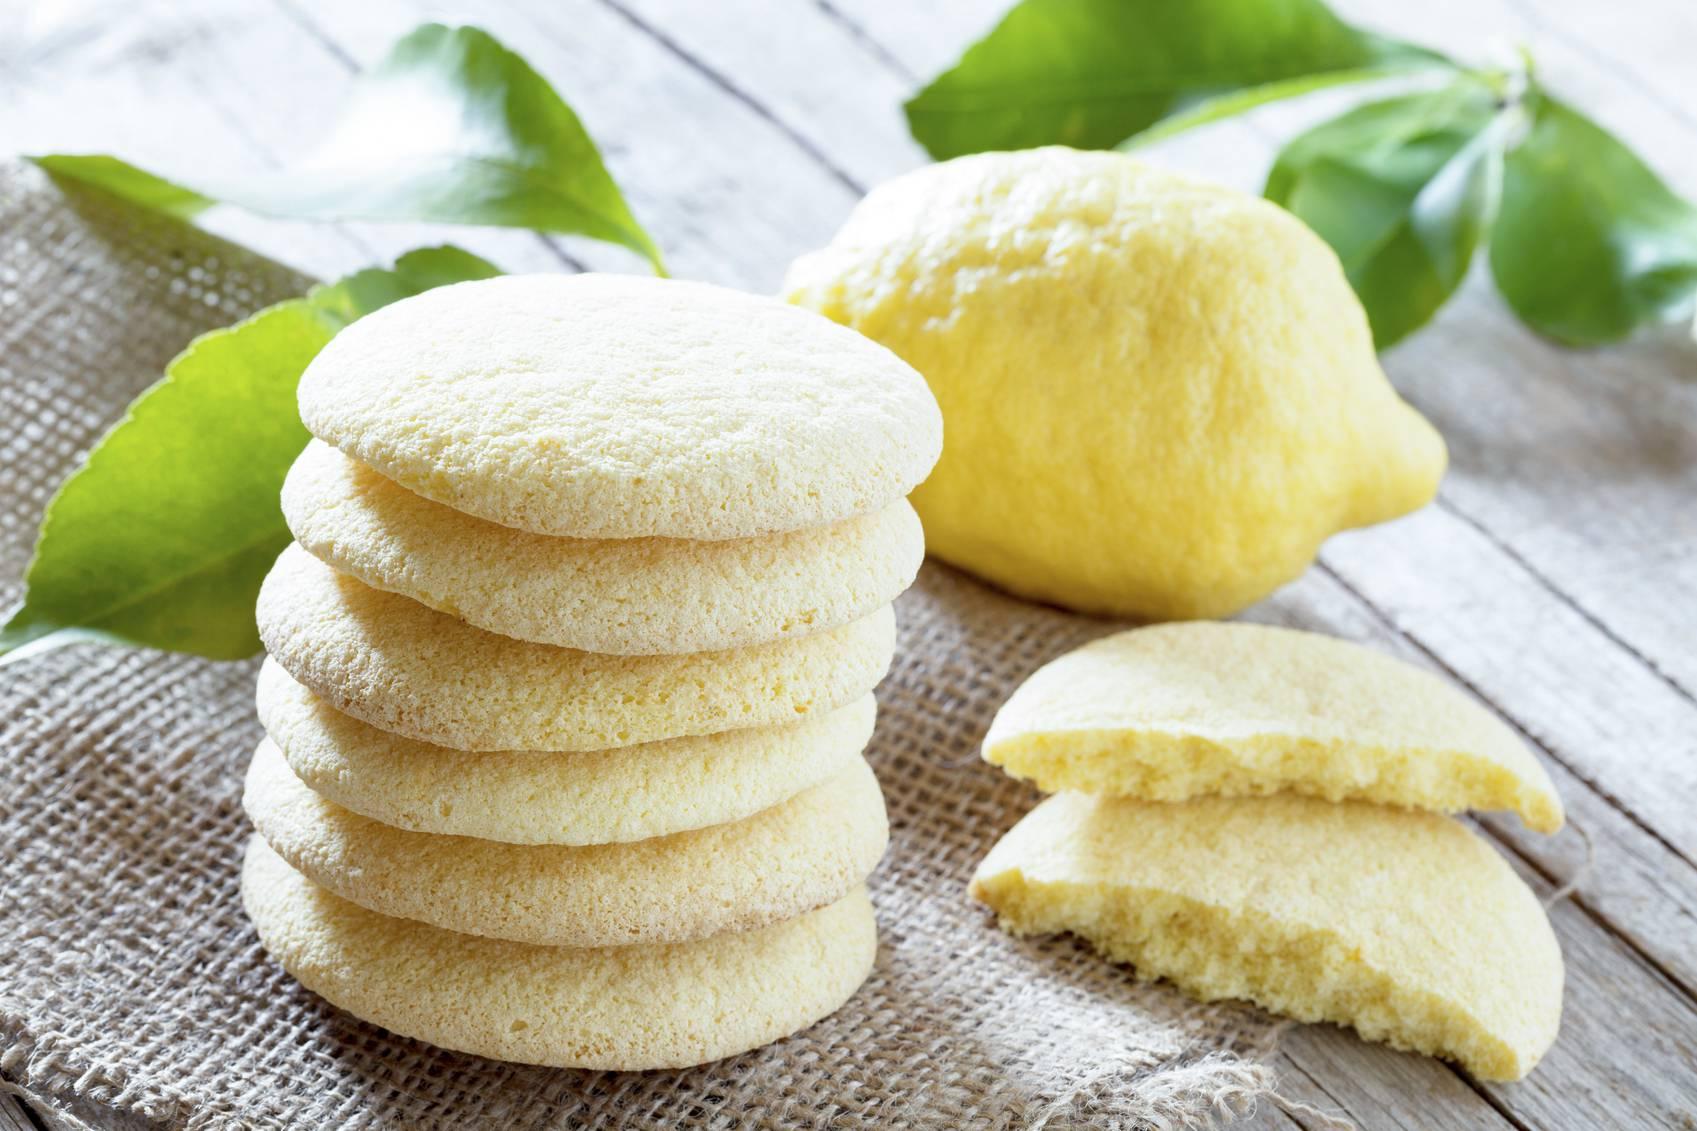 Biscotti al limone senza uova, la ricetta semplice per una gustosa merenda